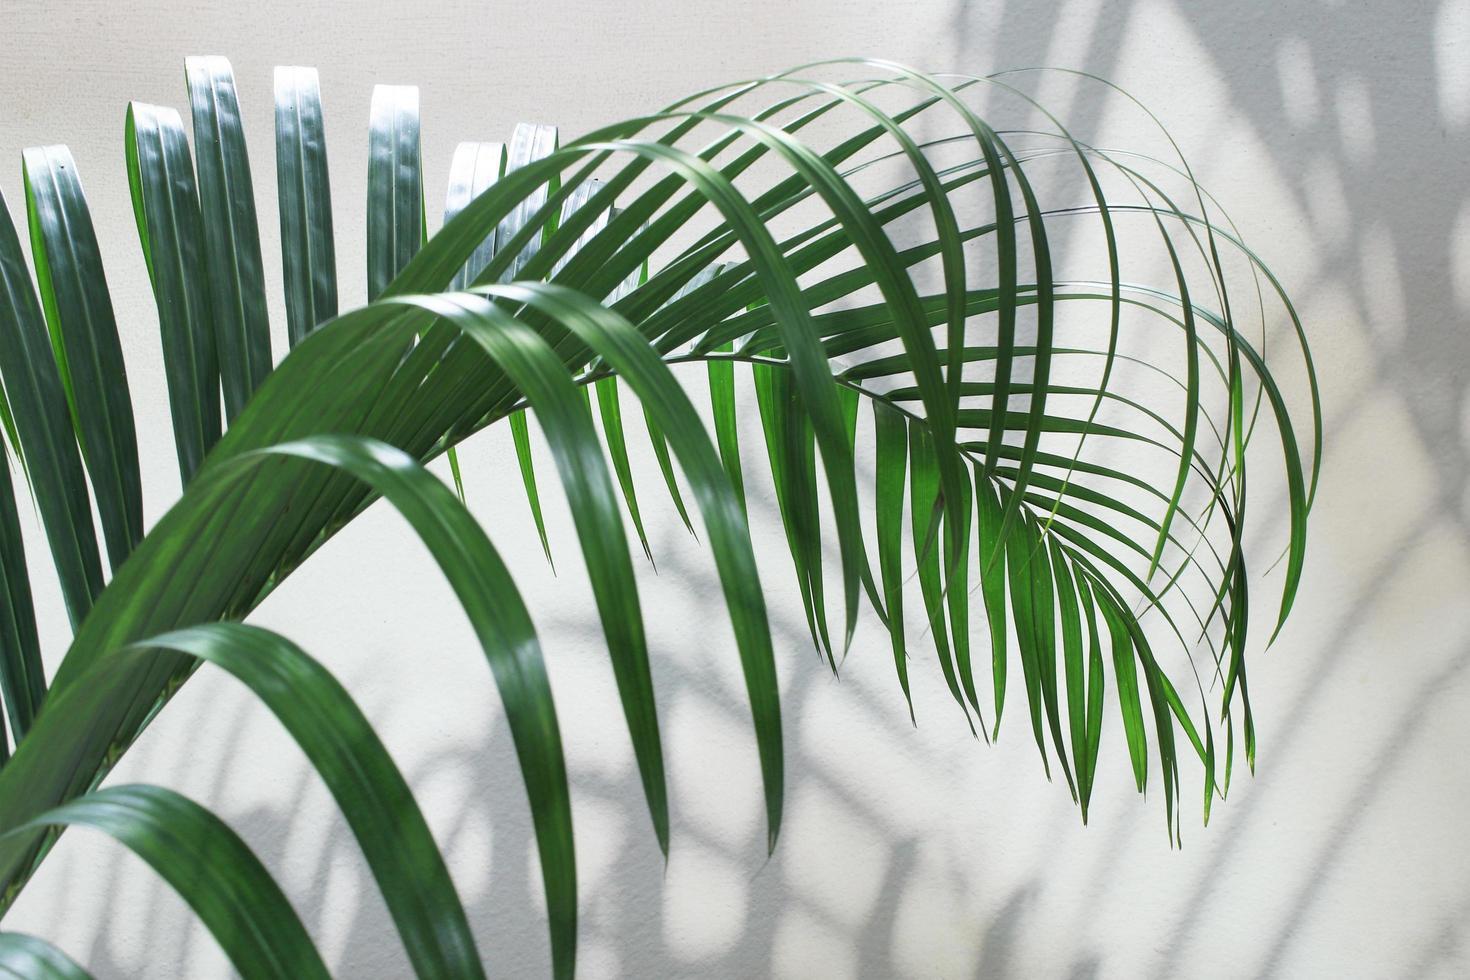 feuille de palmier et ombre sur béton photo